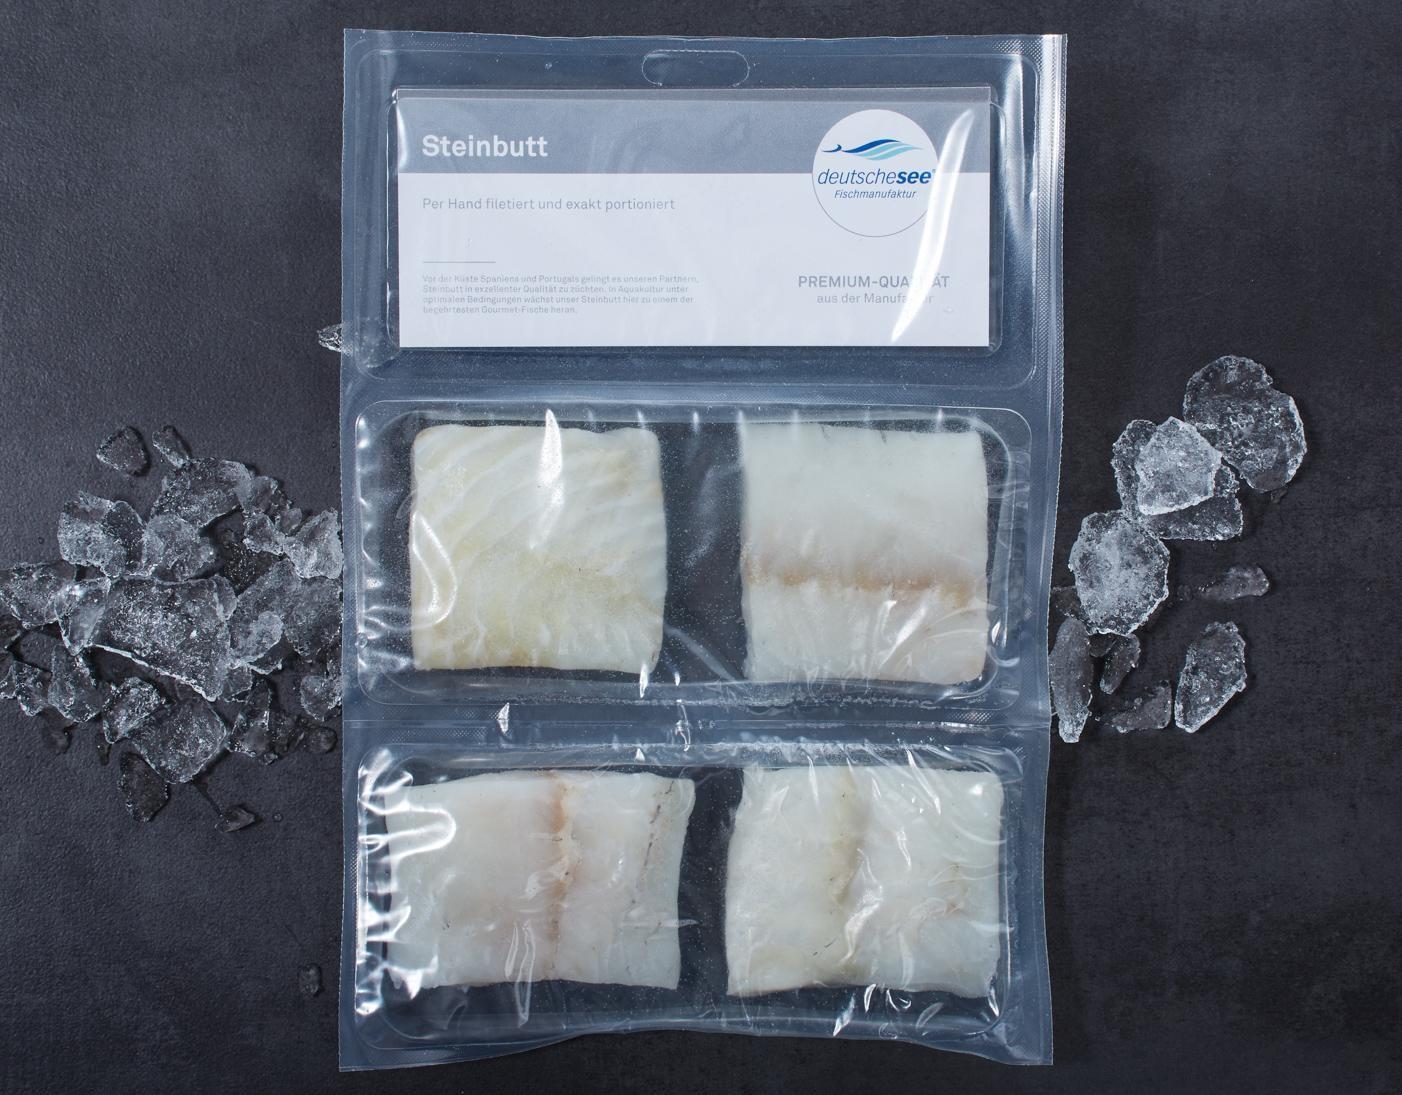 Steinbutt · Handfiletierte Portionen · TK jetzt kaufen!